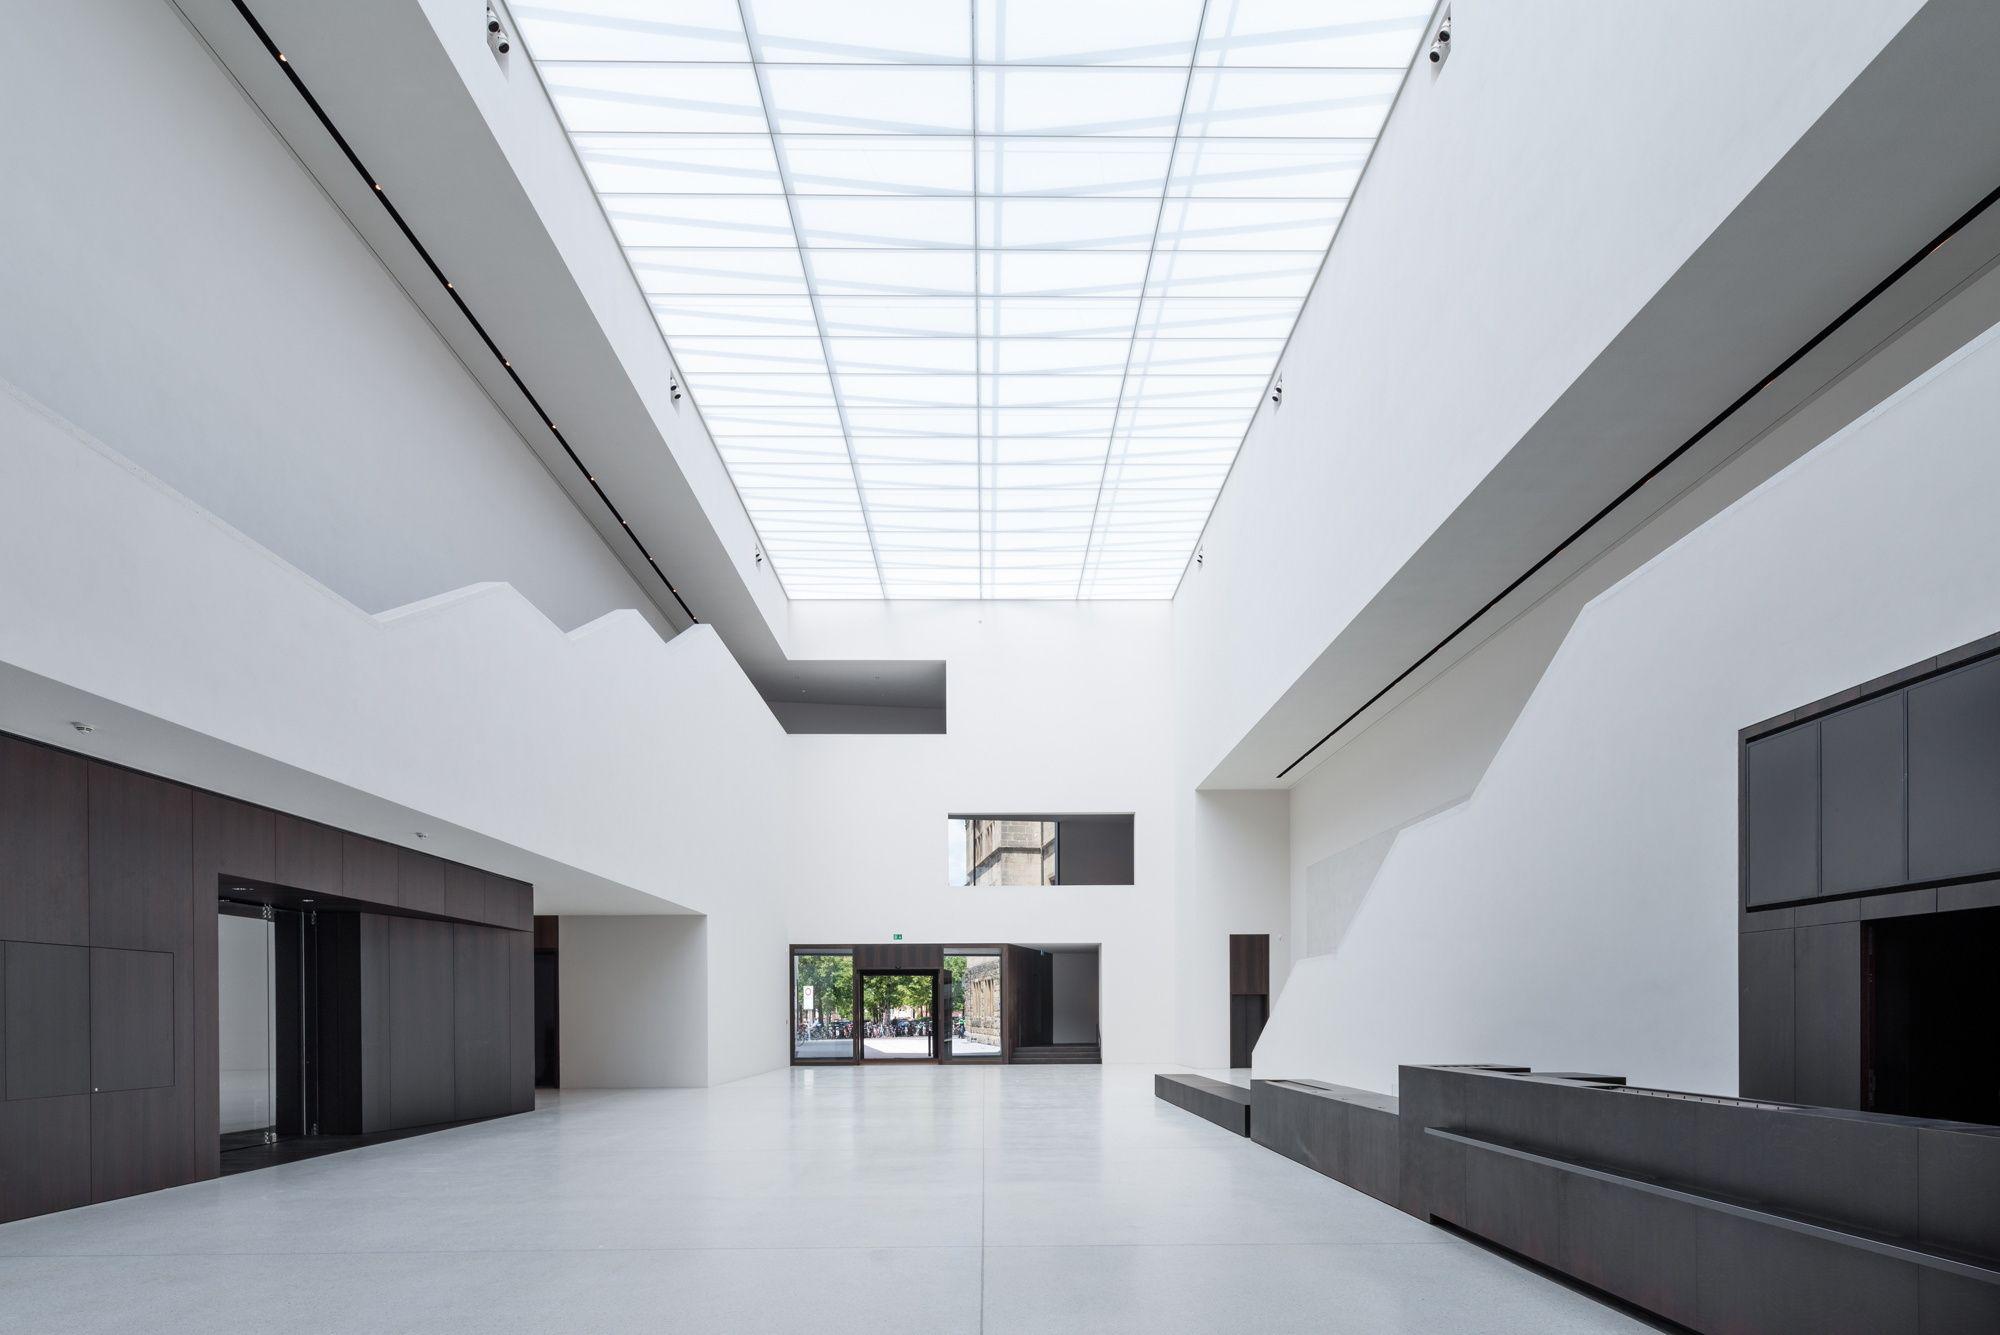 Innenarchitektur Münster staab am dom landesmuseum in münster wird eingeweiht münster